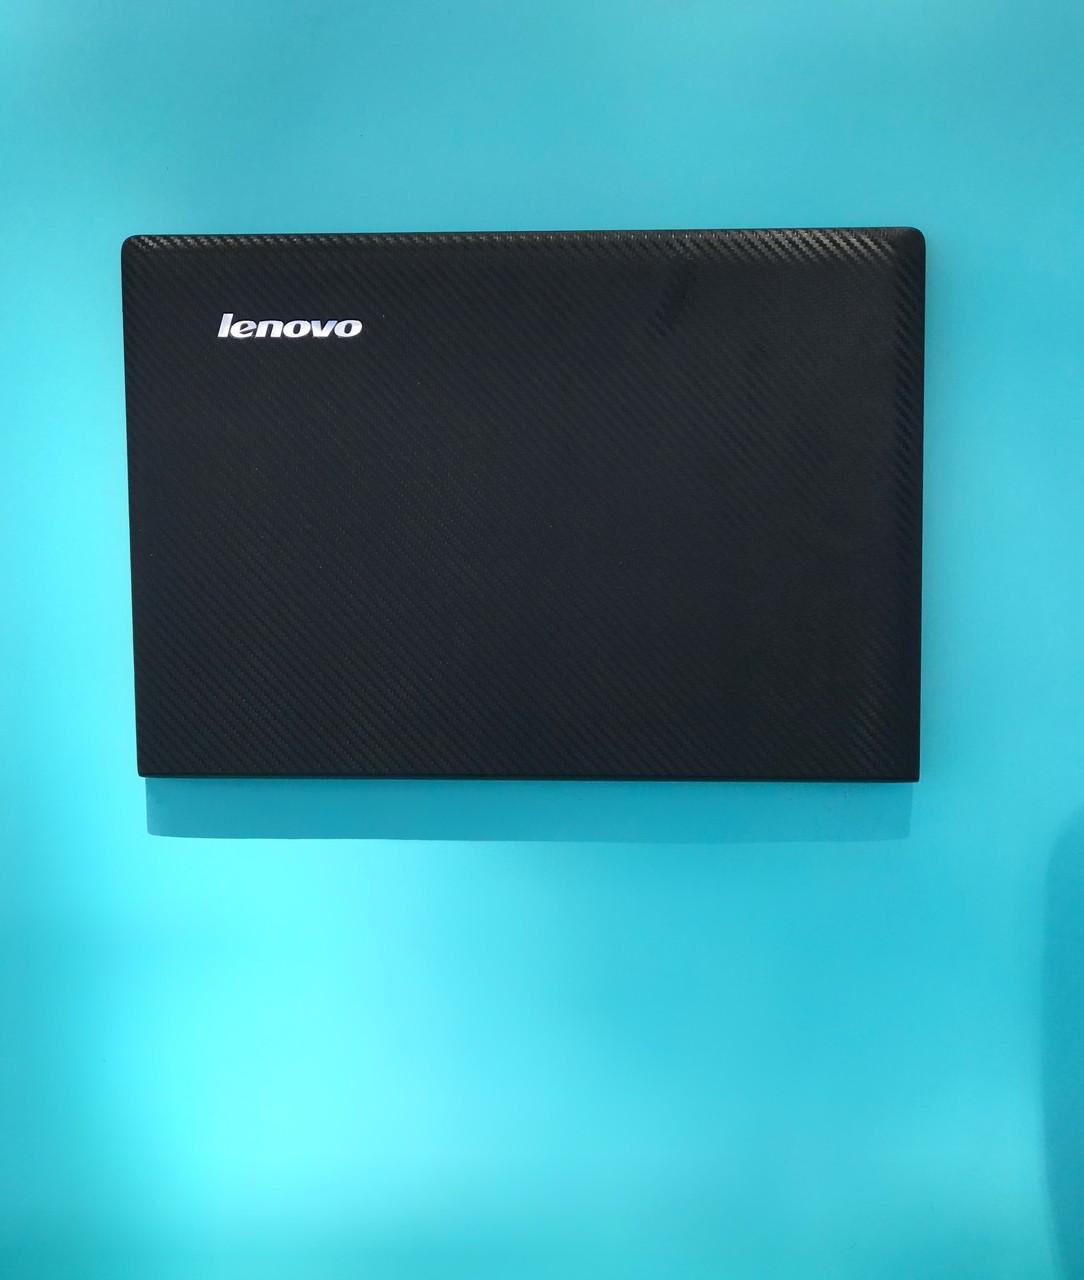 Lenovo G50-70 Мощный i5 процессор! шустрый и легкий ноутбук!